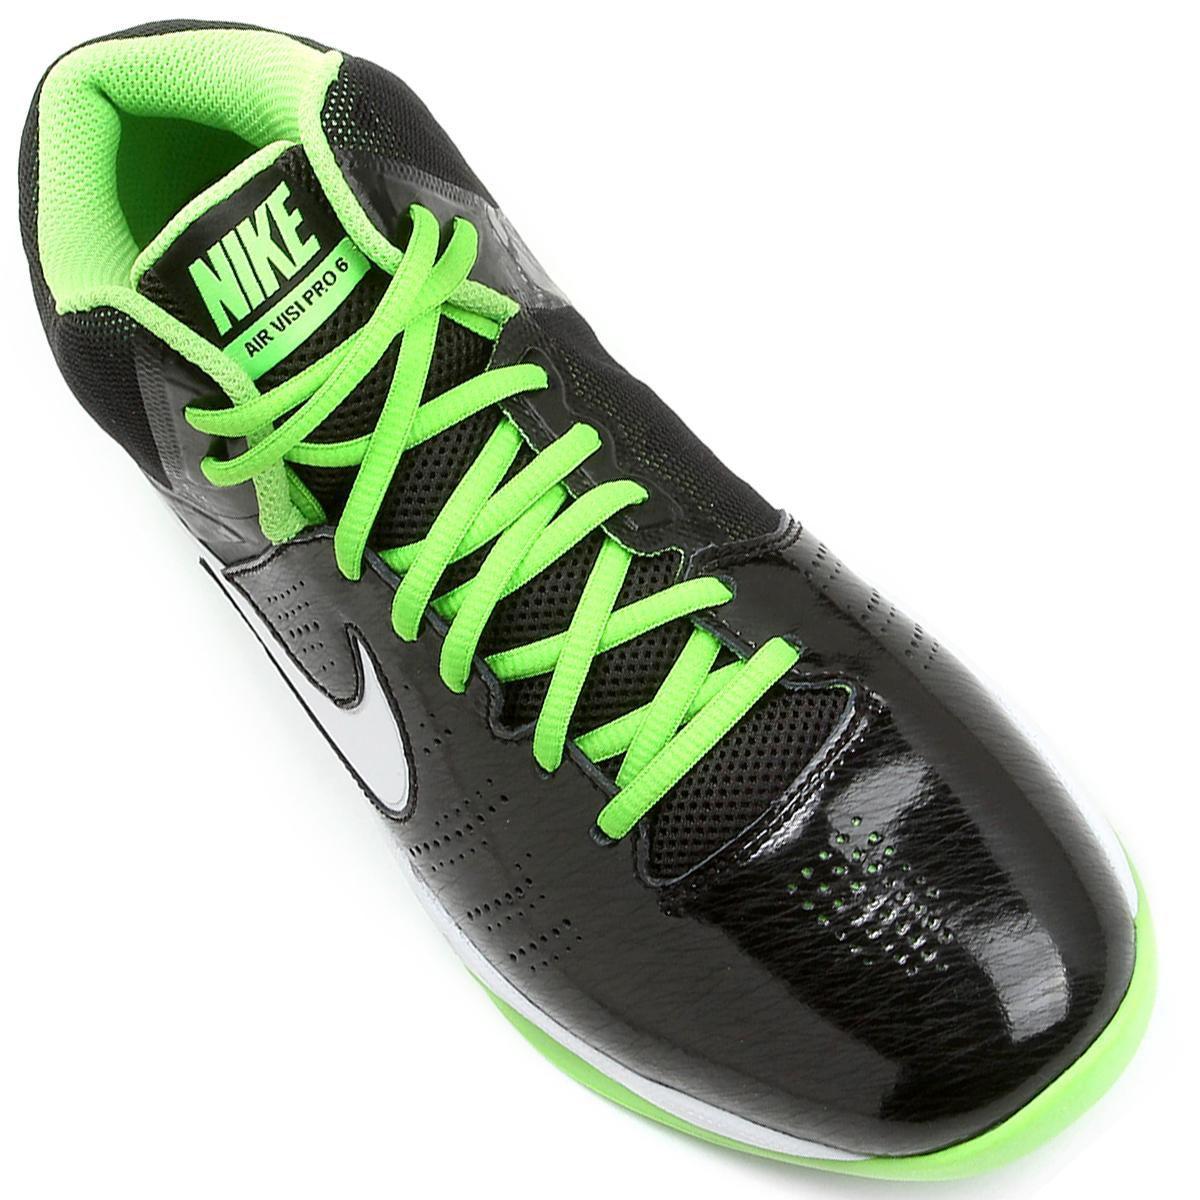 67a20f3f64b Tênis De Basquete Nike Air Visi Pro 6 - BRACIA SHOP  Loja de Roupas ...